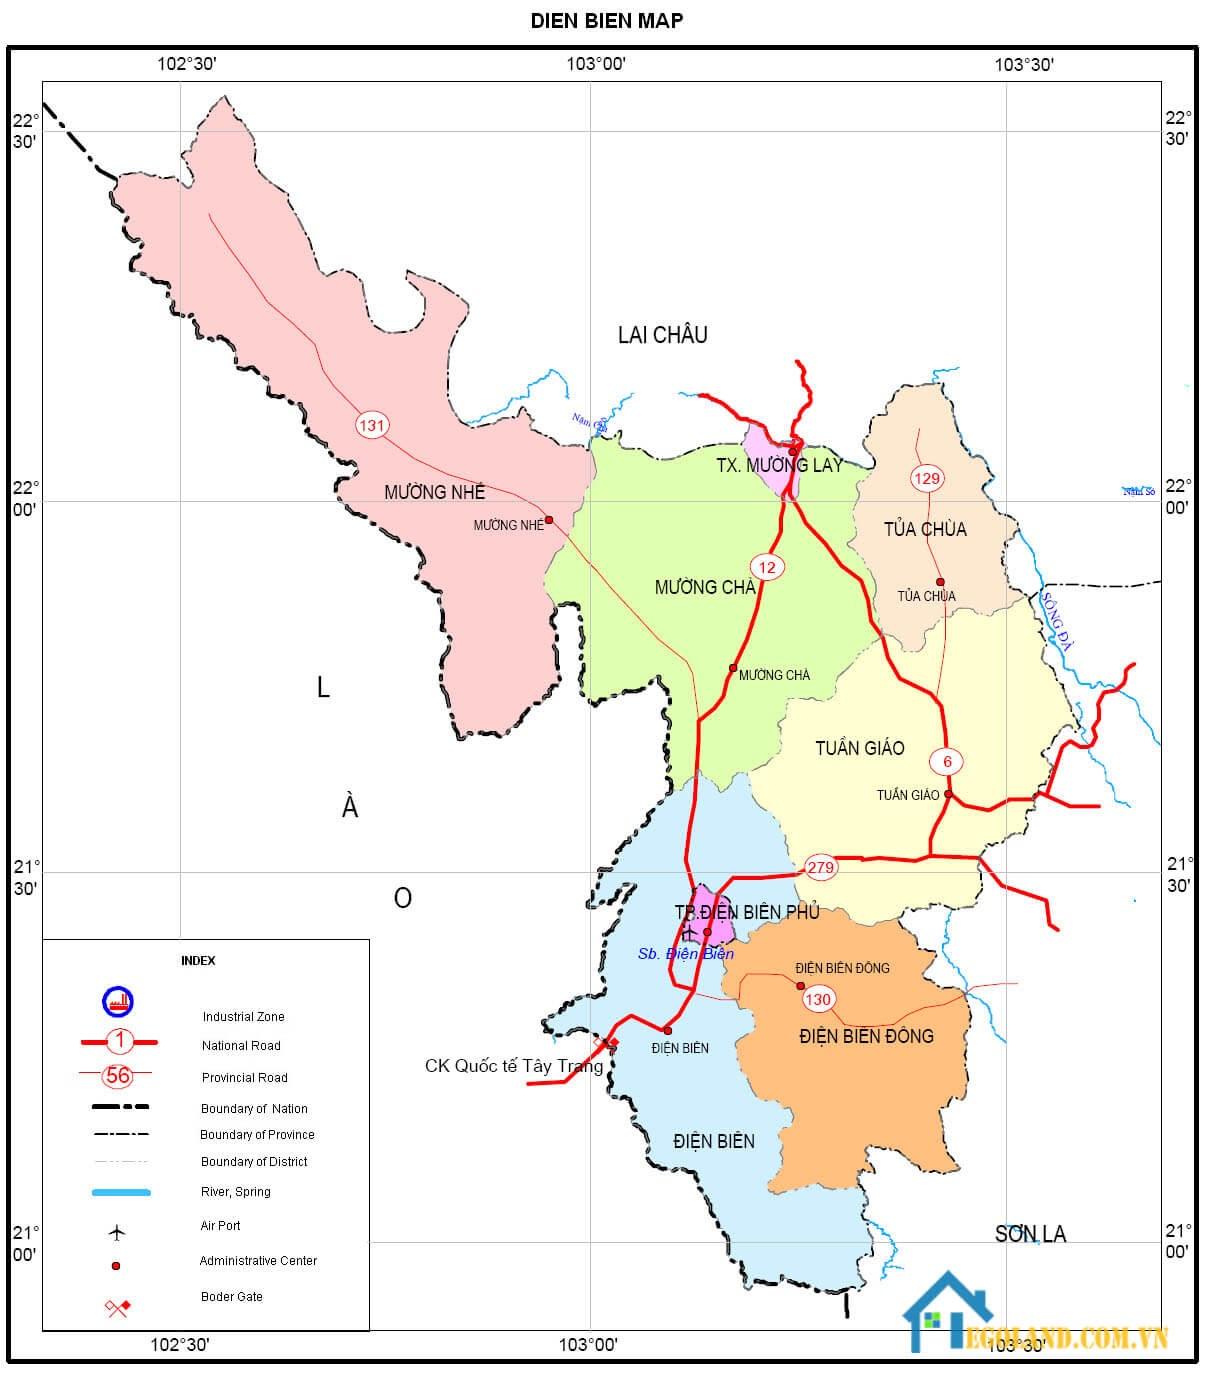 Bản đồ Điện Biên về địa lý